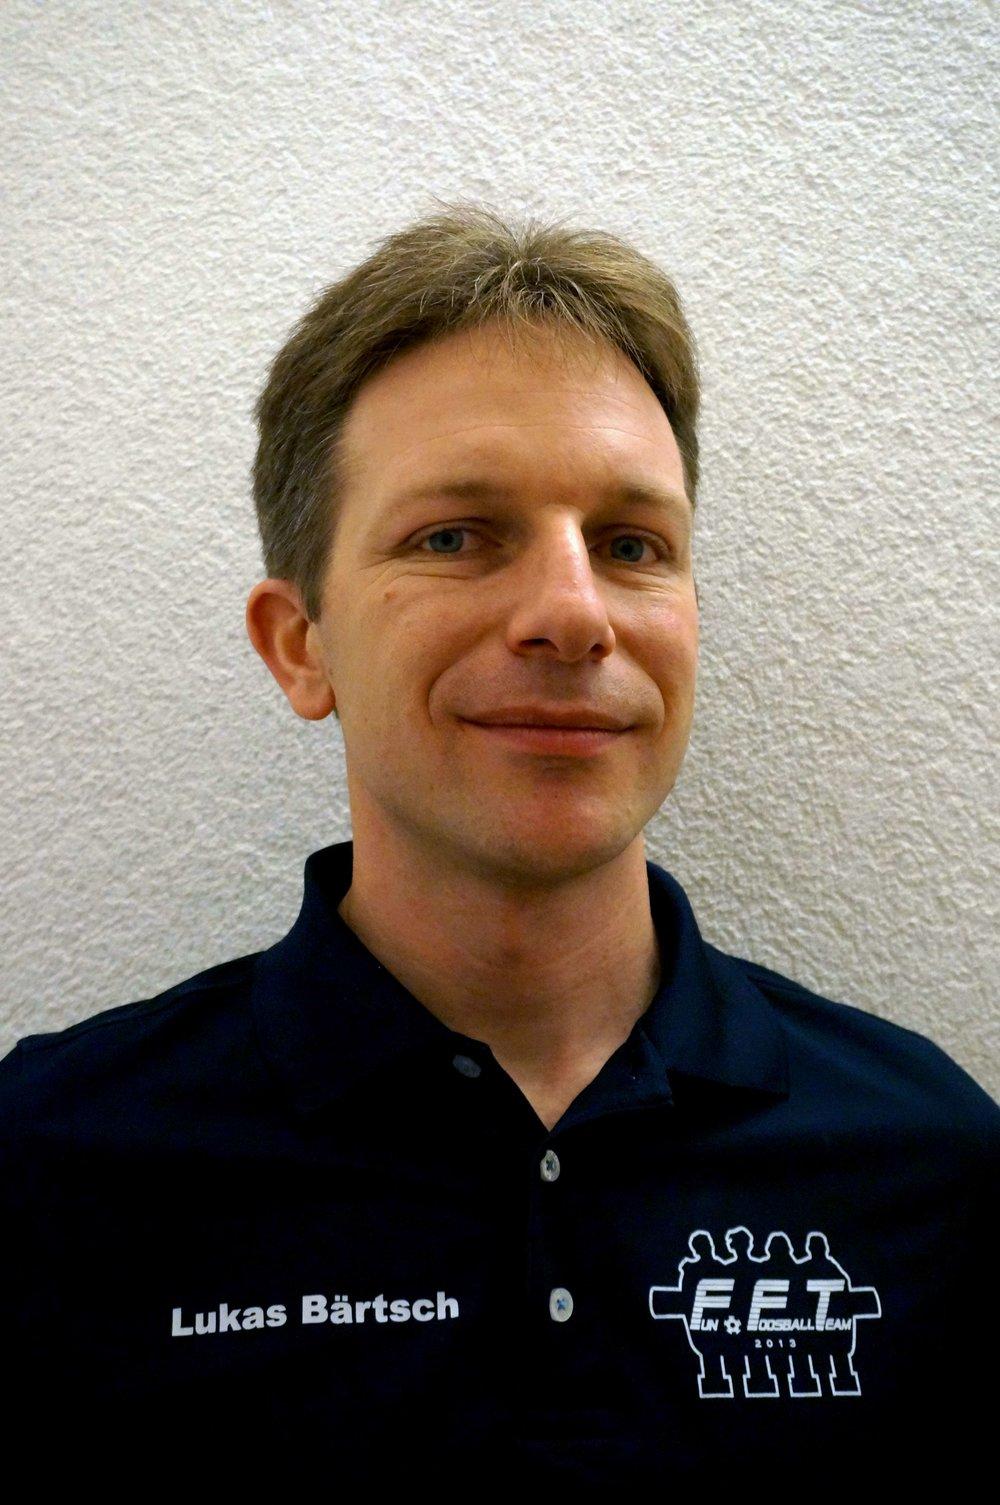 Lukas Bàrtsch, SG